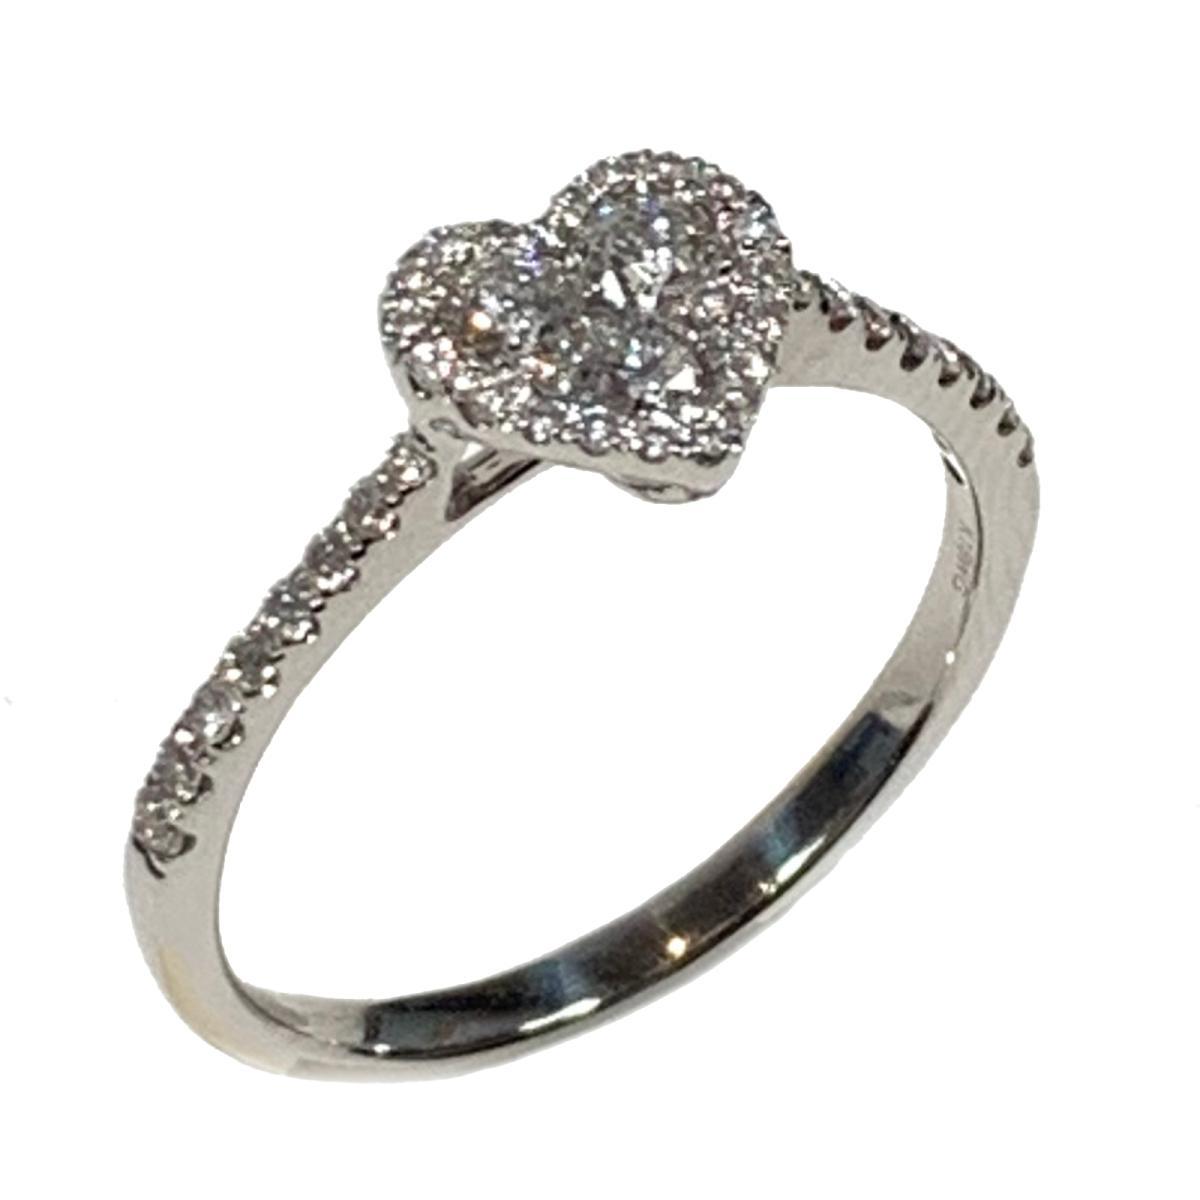 【中古】 ジュエリー ダイヤモンド リング 指輪 レディース K18WG (750) ホワイトゴールド x シルバー | JEWELRY BRANDOFF ブランドオフ ブランド アクセサリー